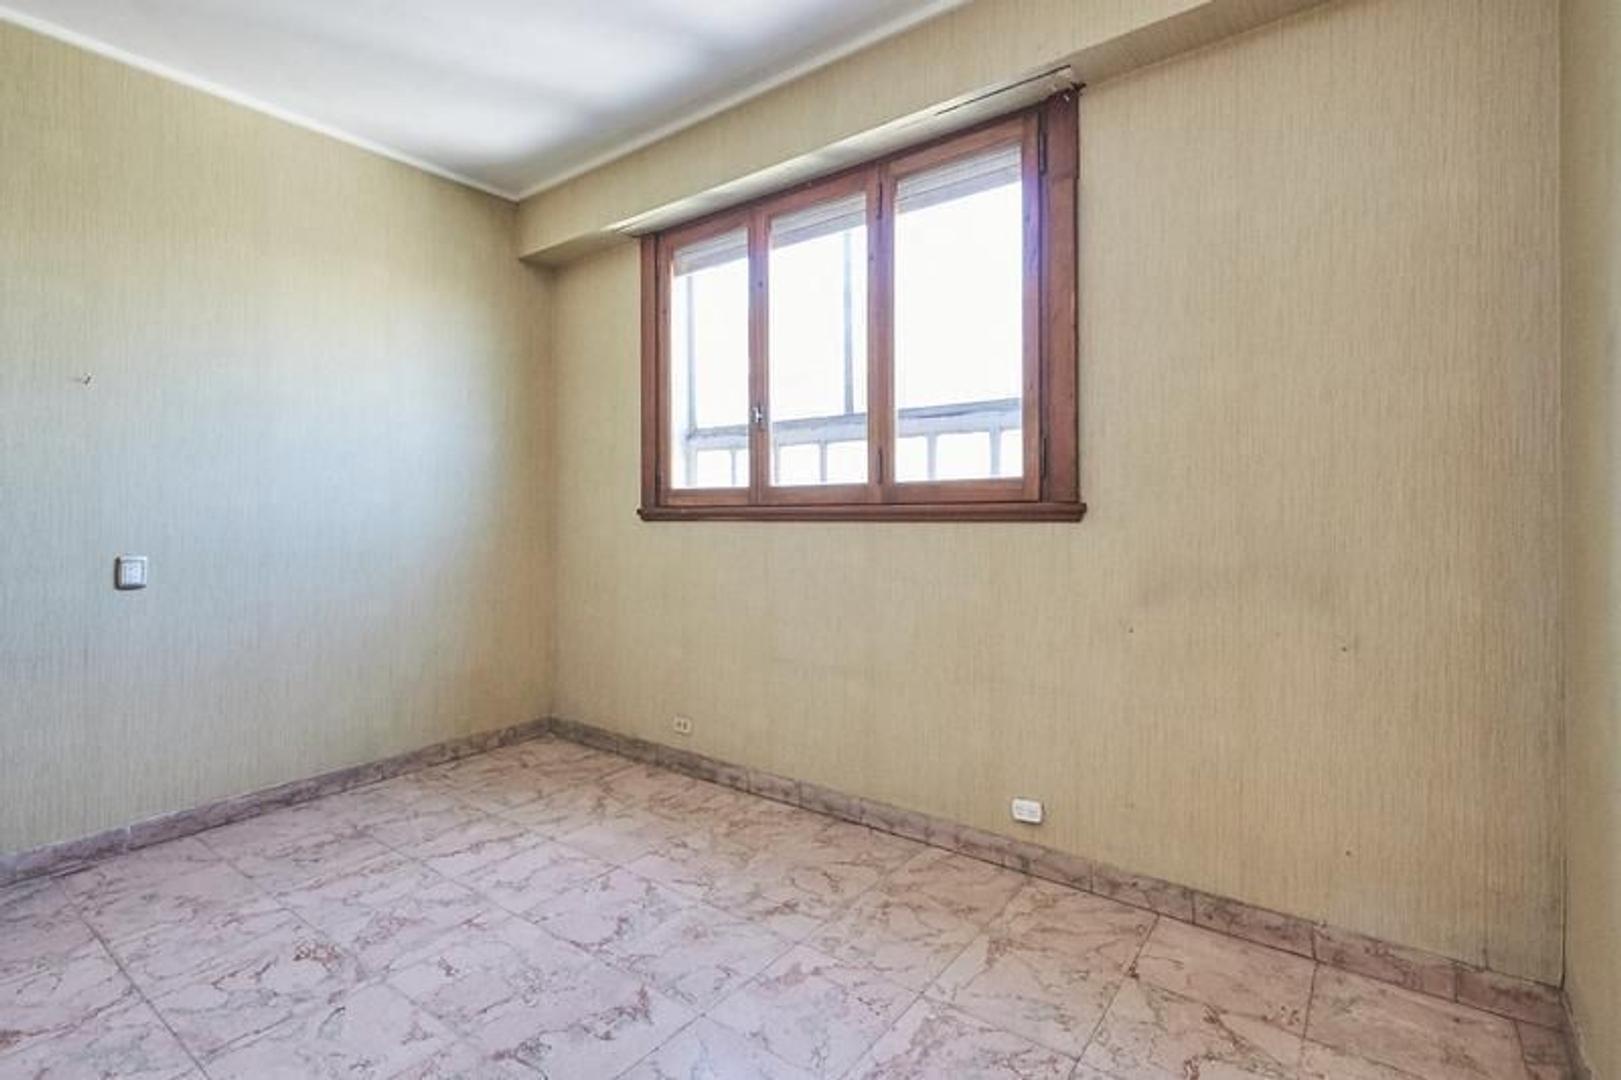 Departamento en Barracas con 3 habitaciones